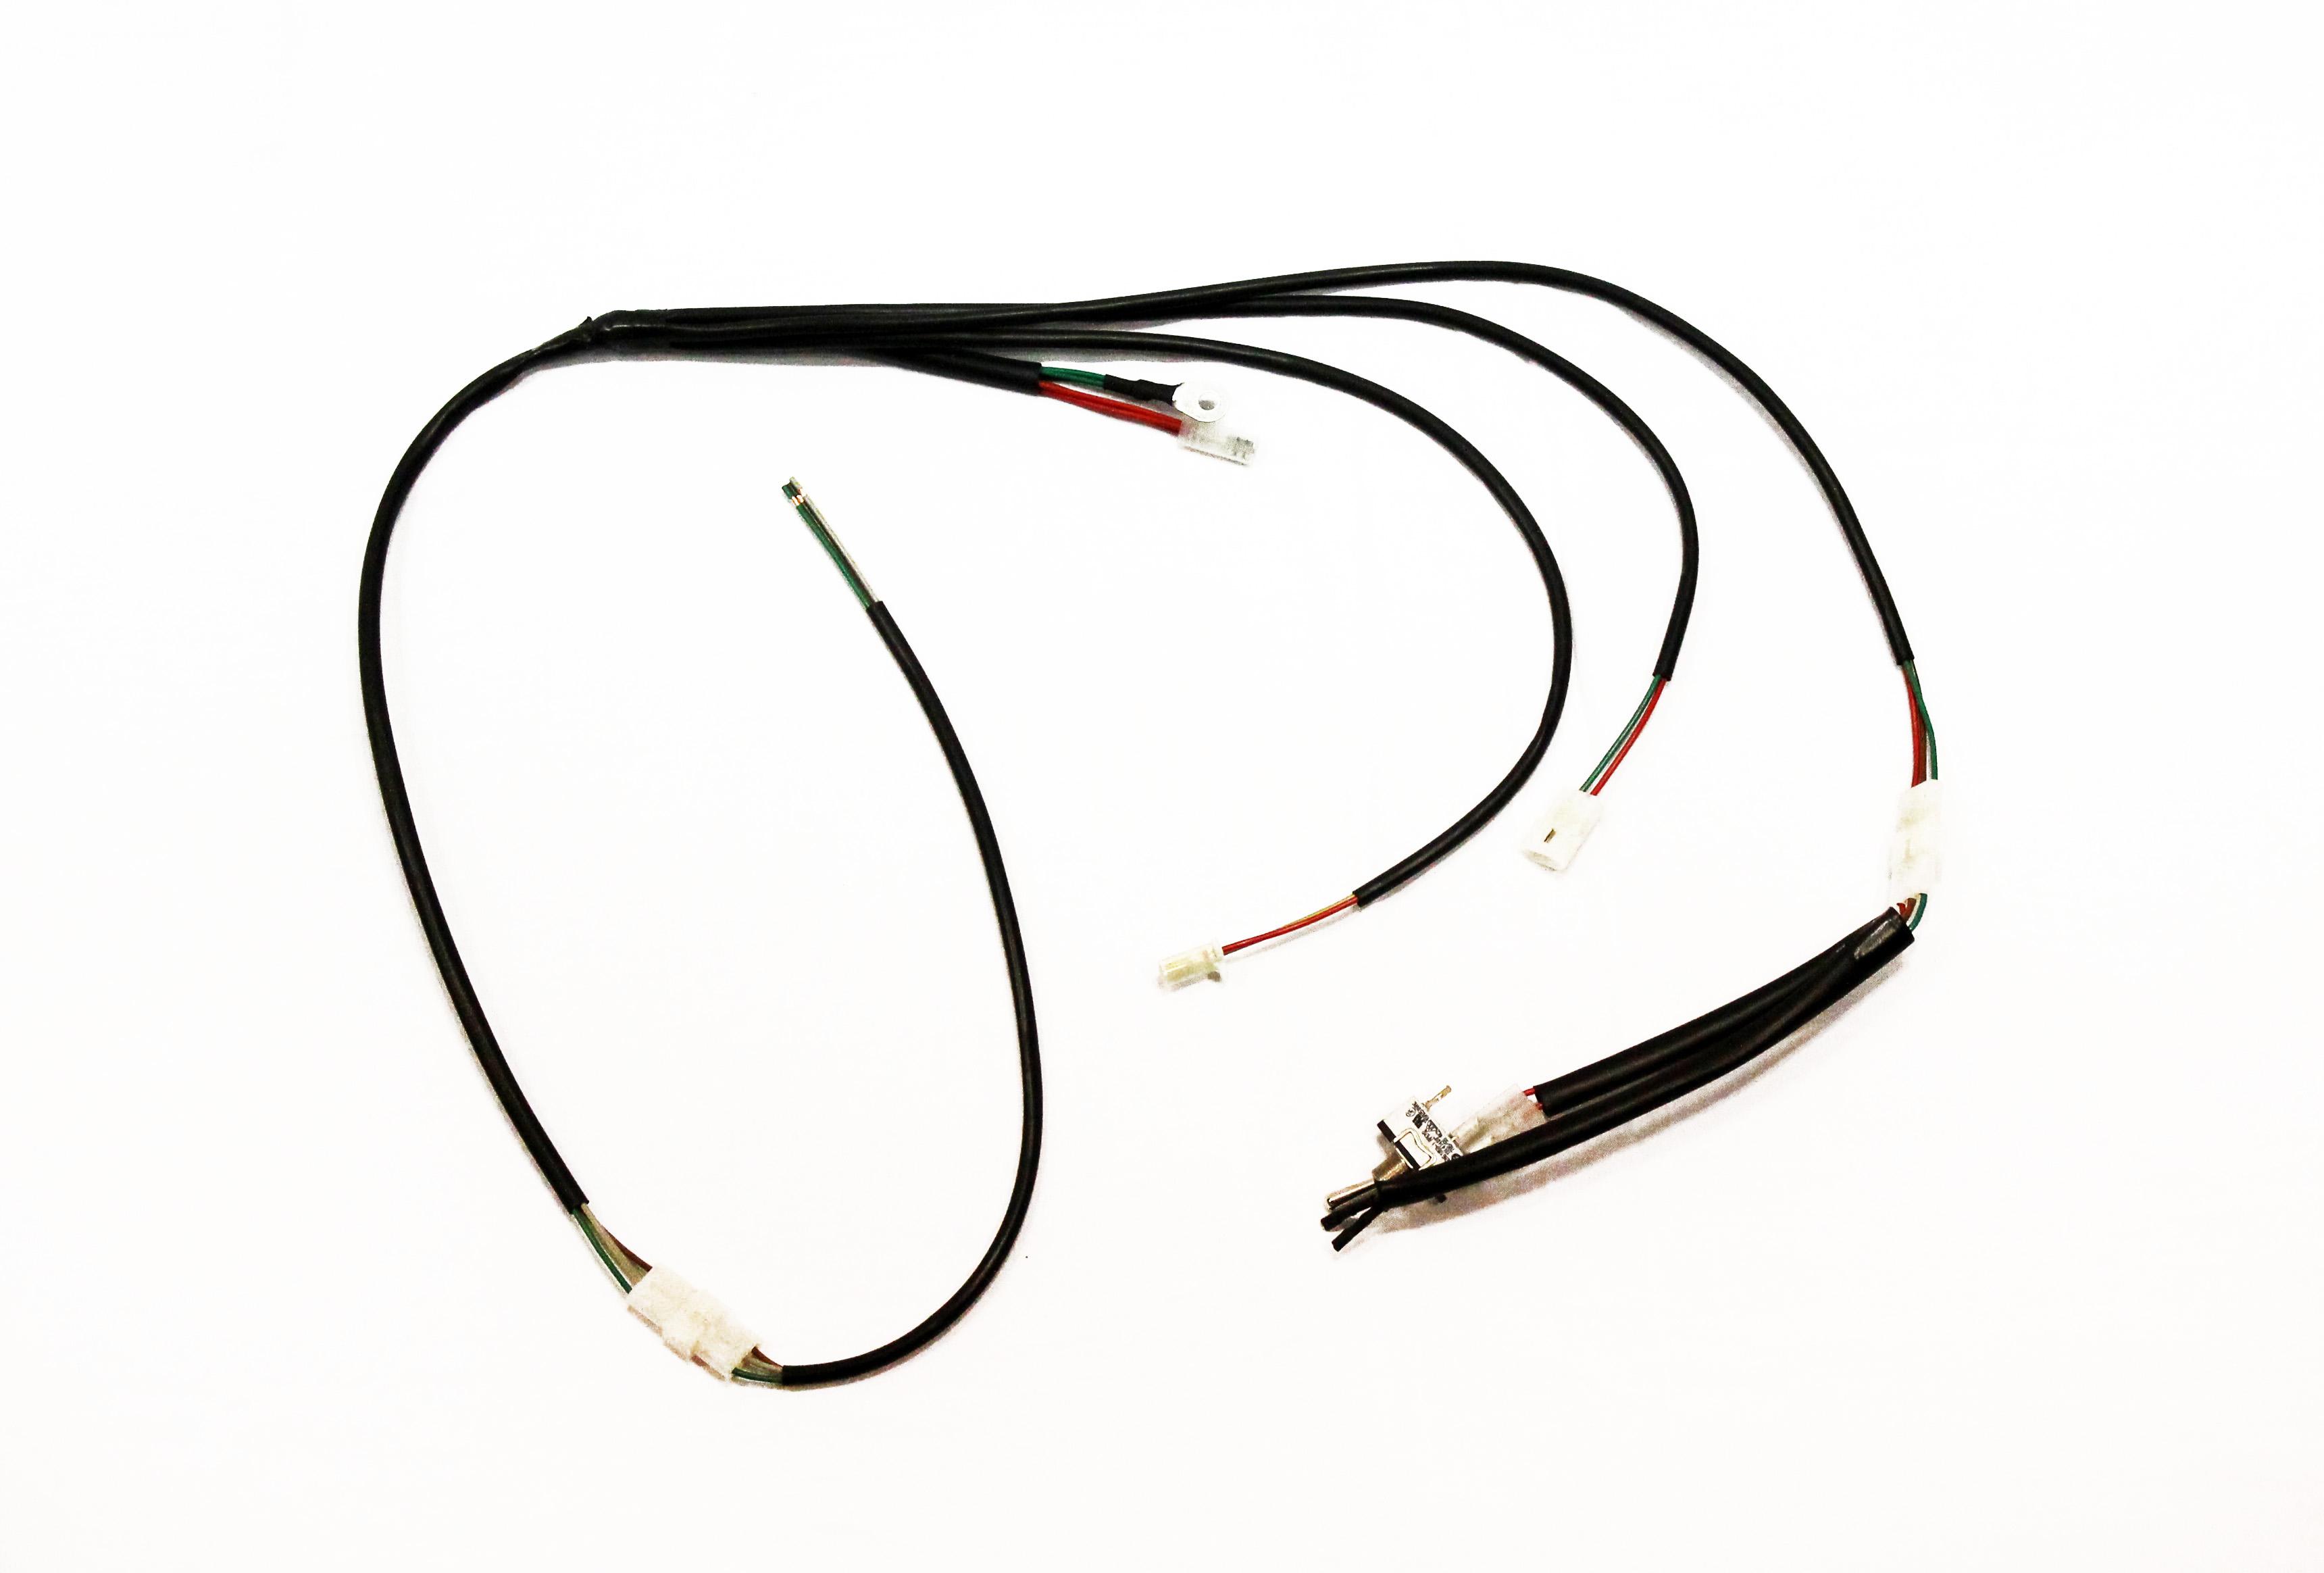 Schema Elettrico Hm : Honda enduro crf impianto elettrico semplificato jollyracing store